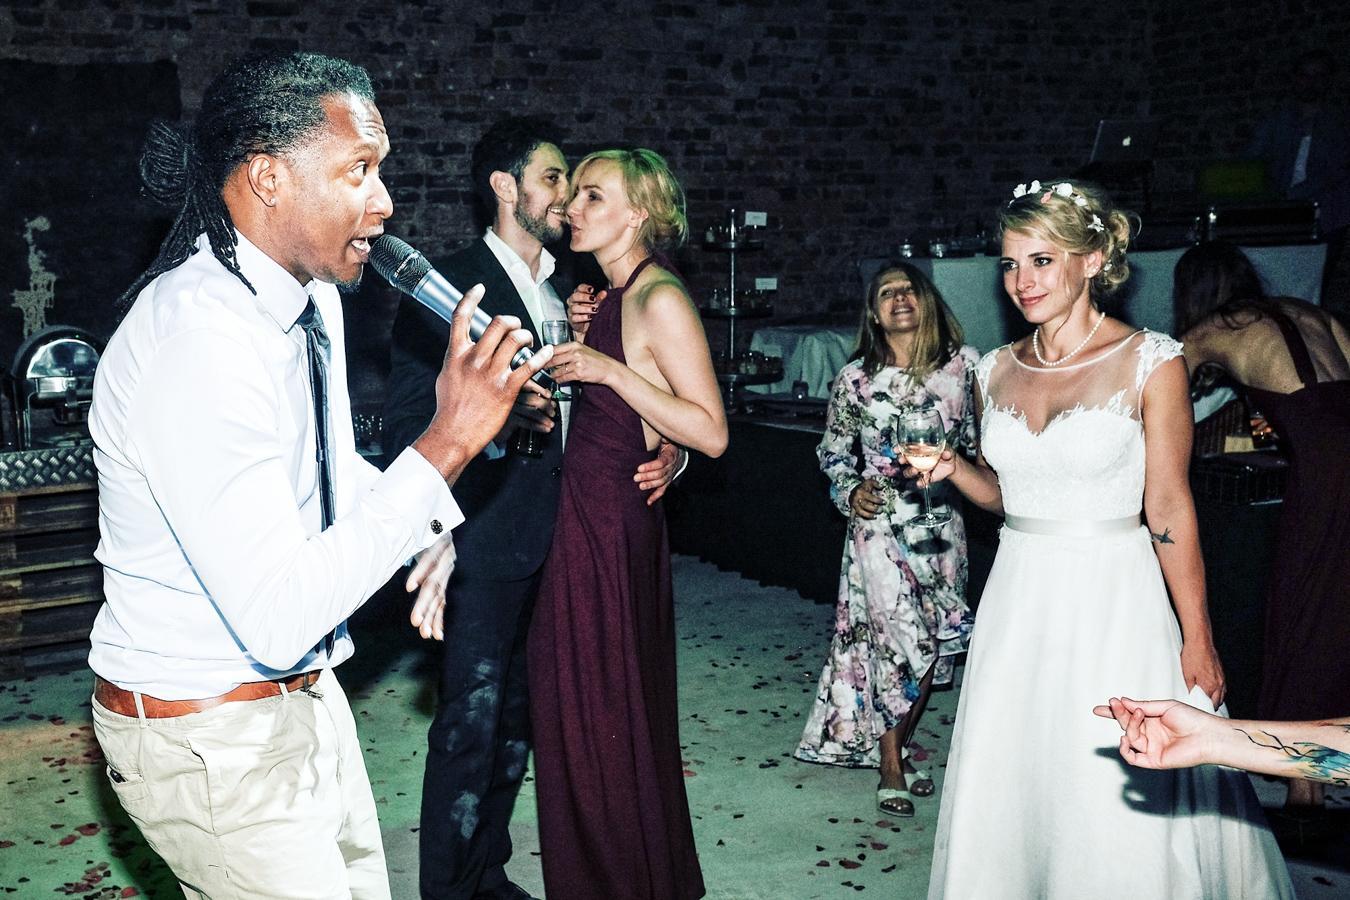 Hochzeitsfotografie Millianshof Bergheim Kln Hochzeit